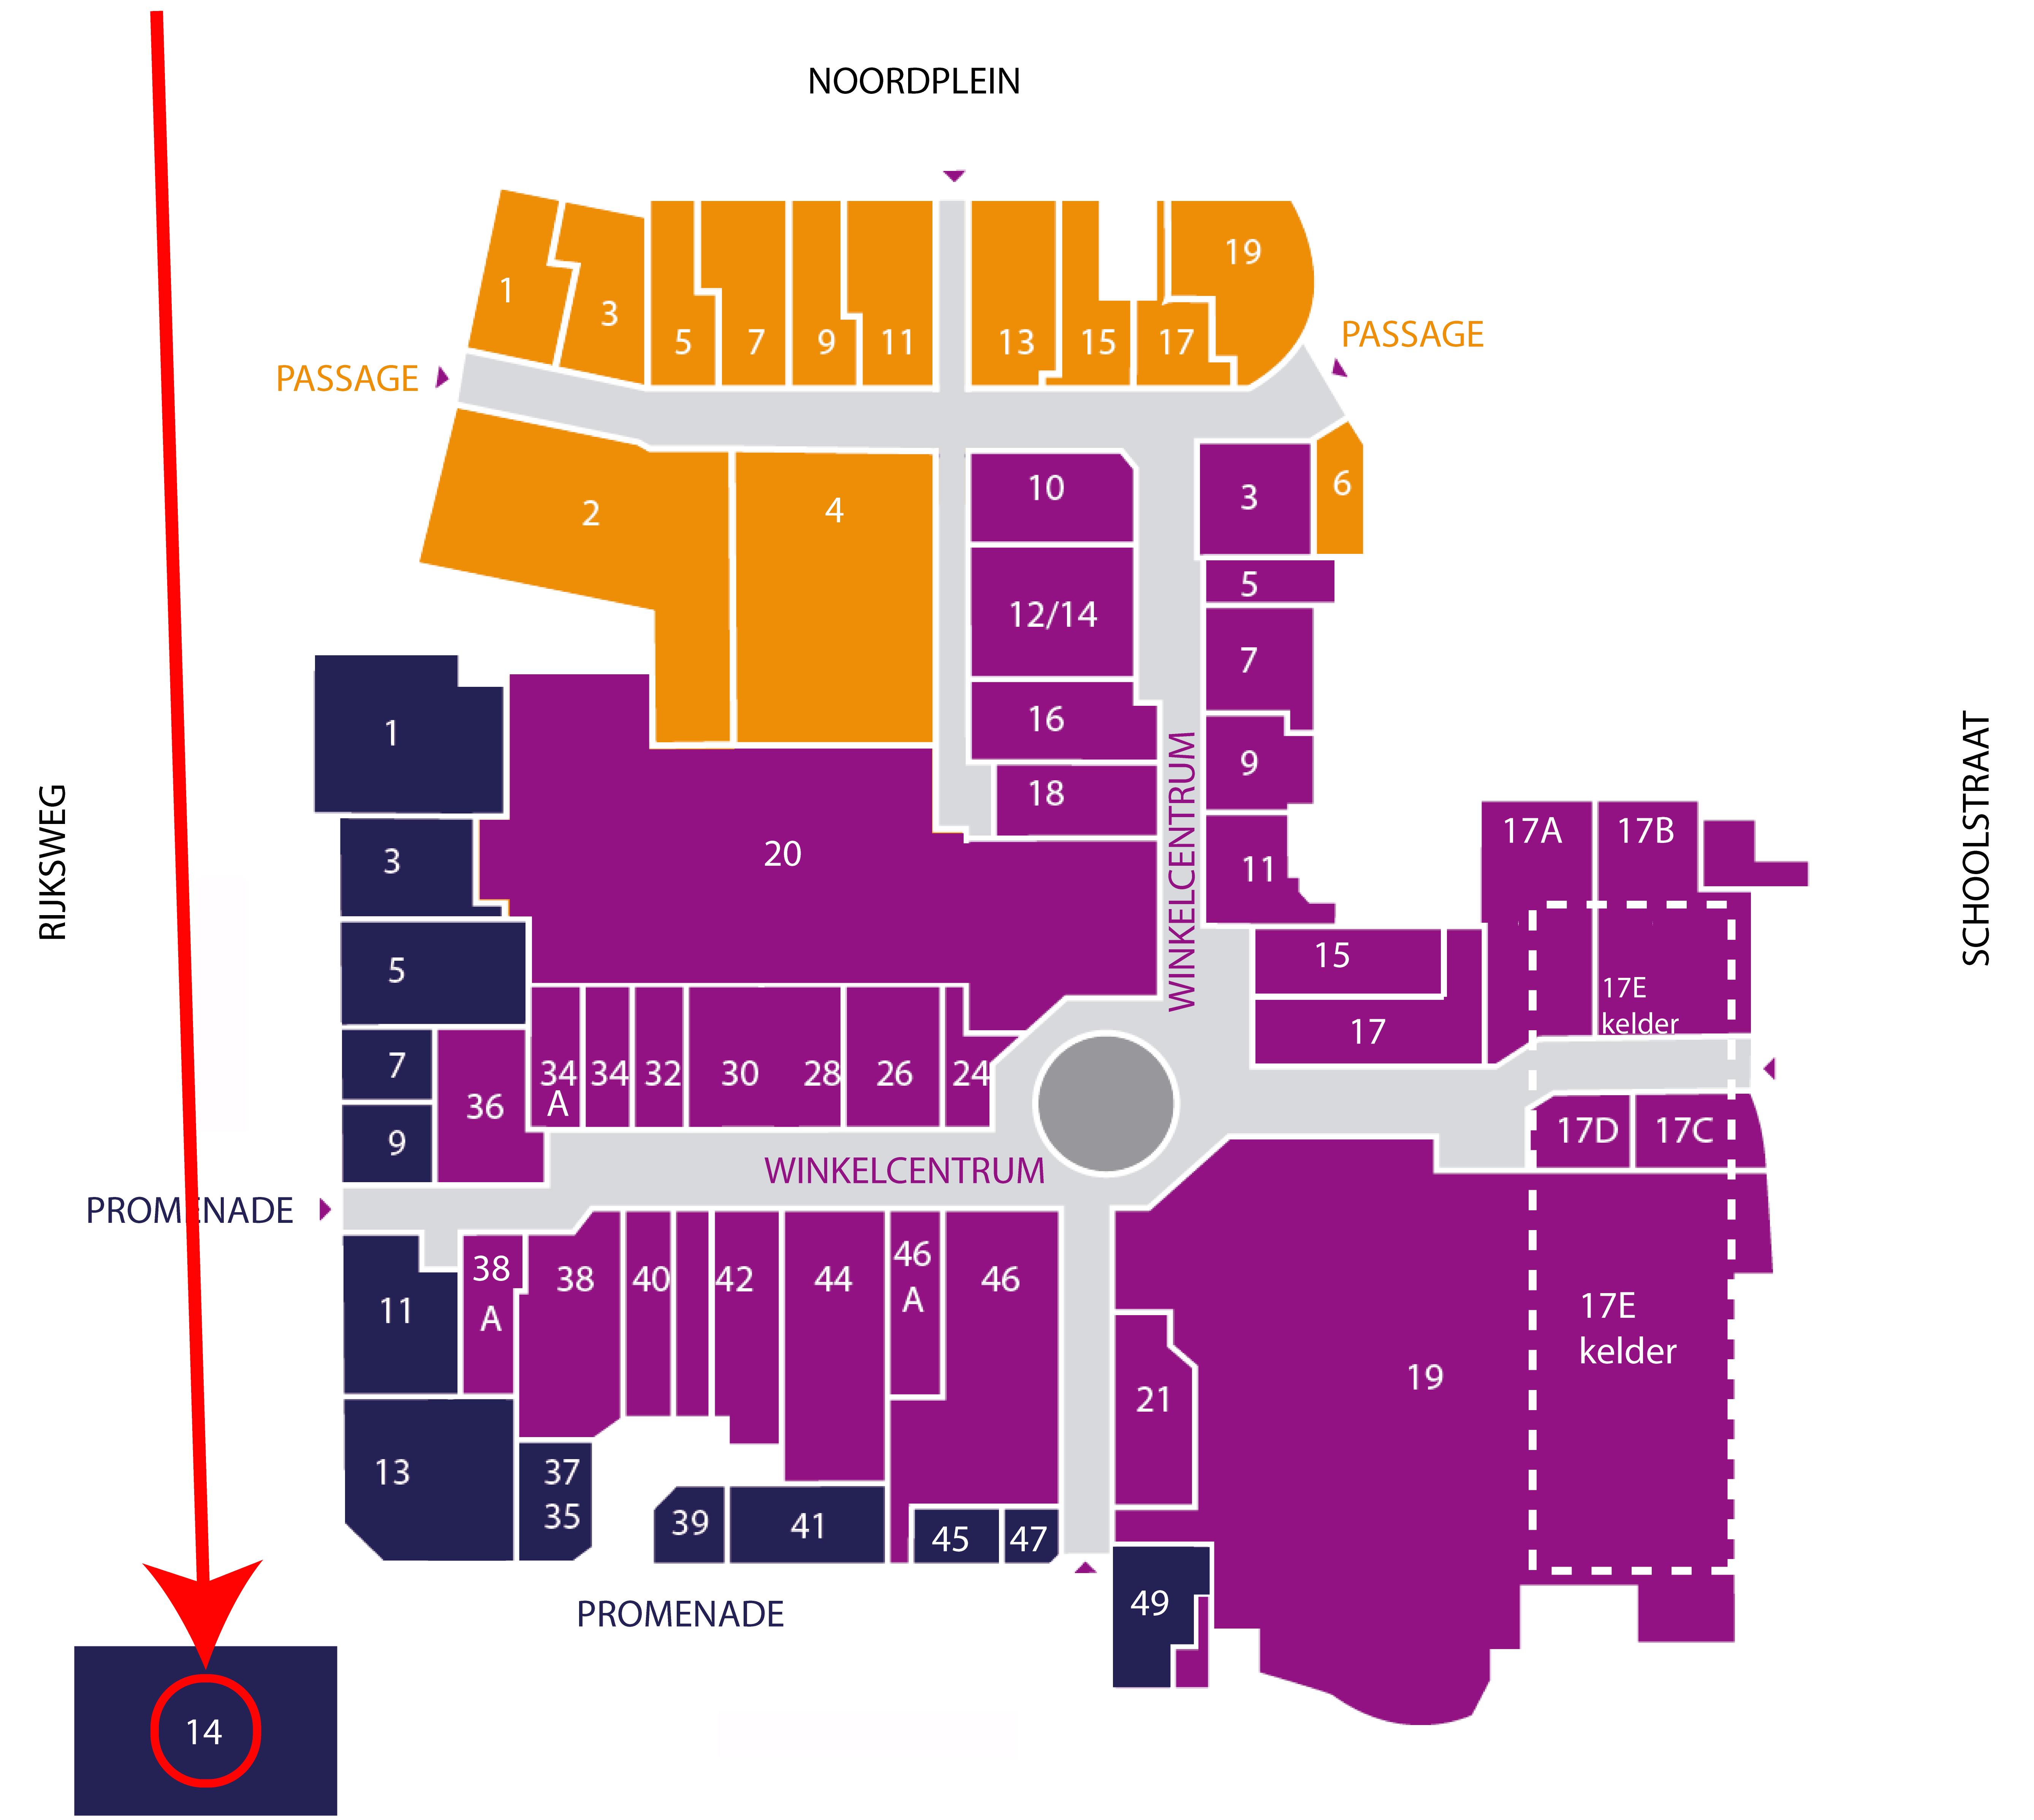 Hema – Winkelcentrum Malden